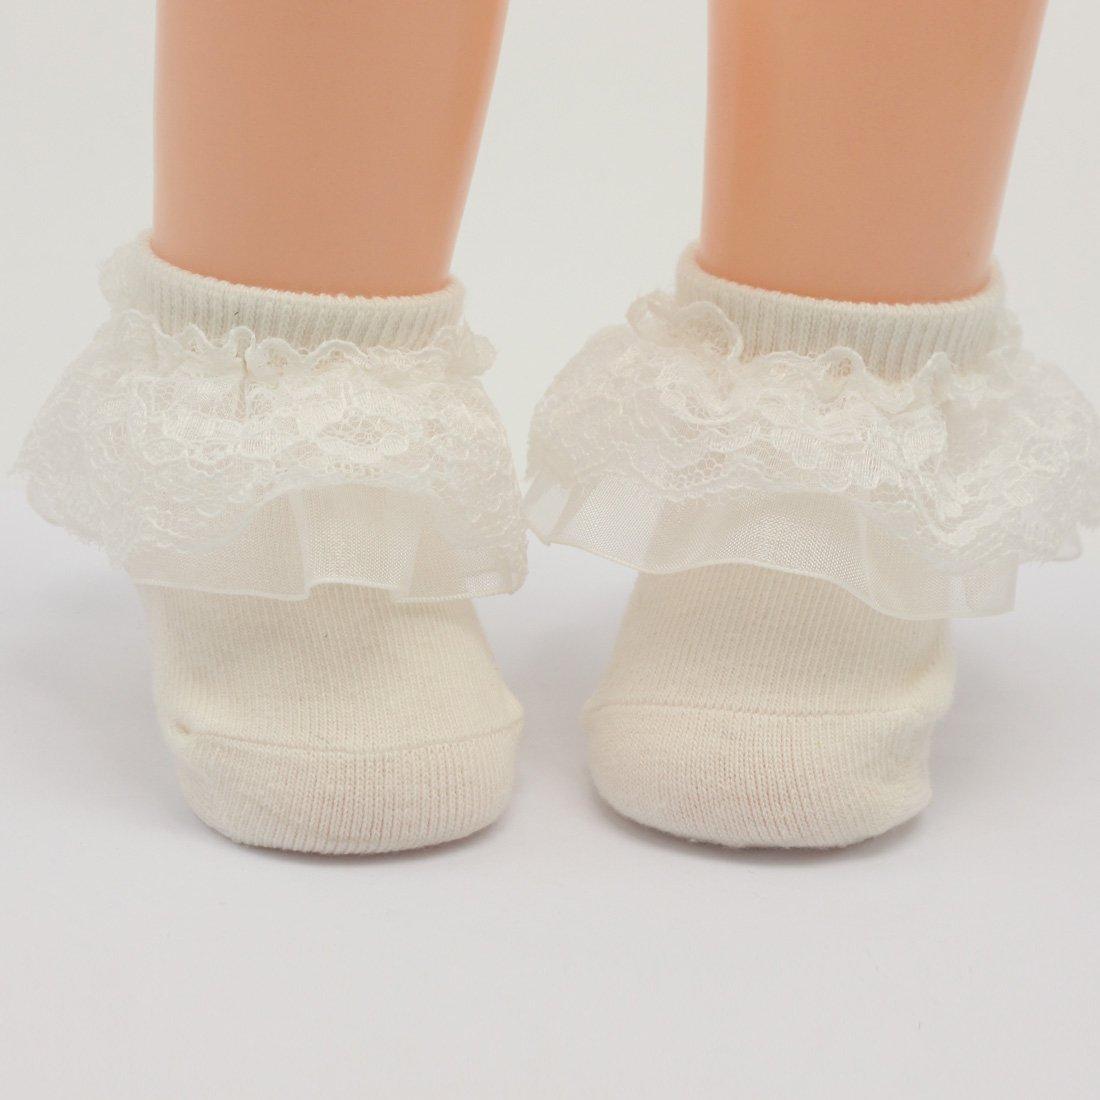 Nihao Baby baptism socks for girls newborn white lace dress christening socks 3 packs